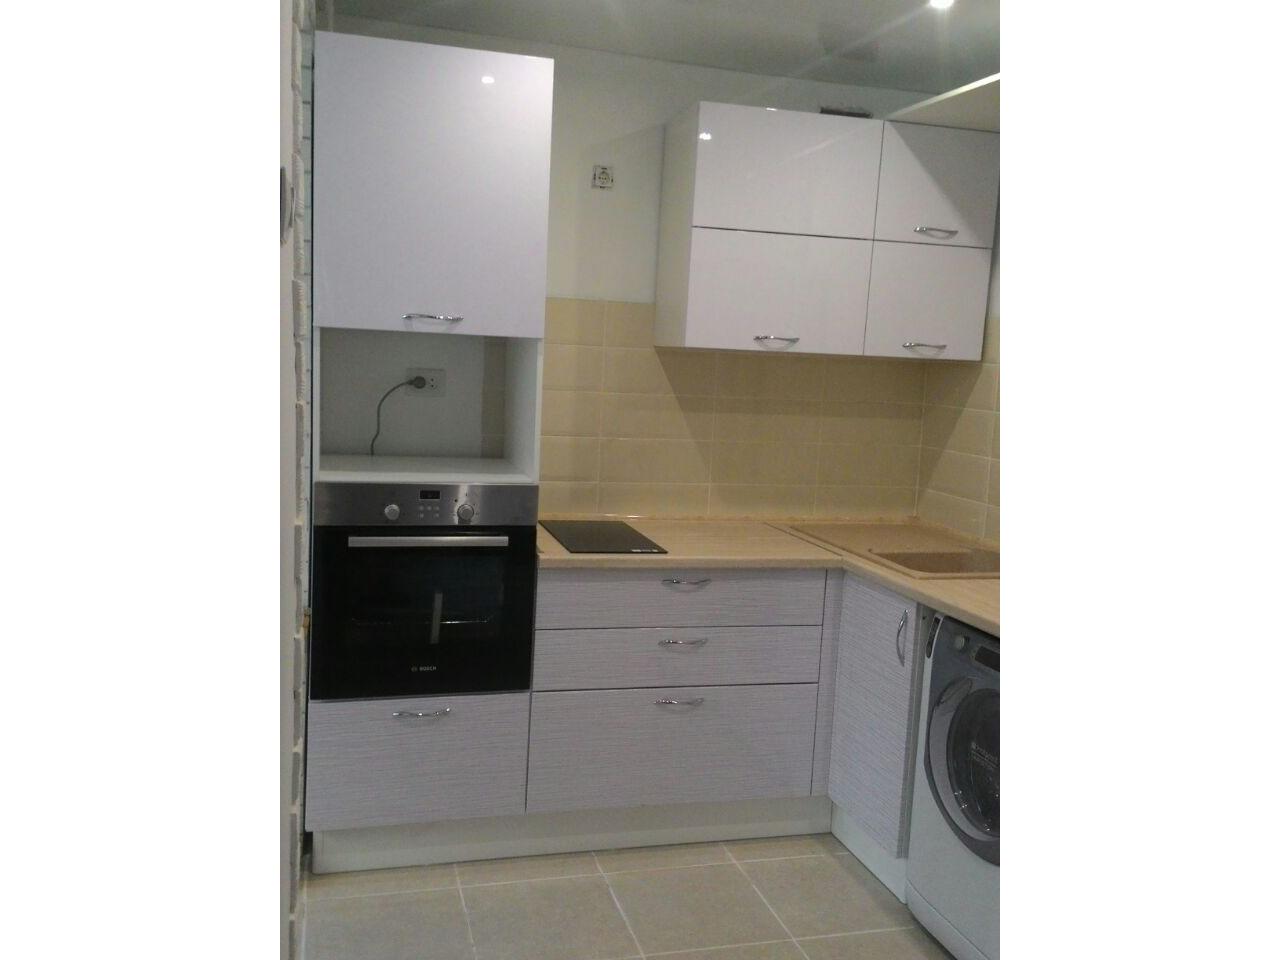 Фото. Кухня эконом класса. Цена 48 тыс рублей